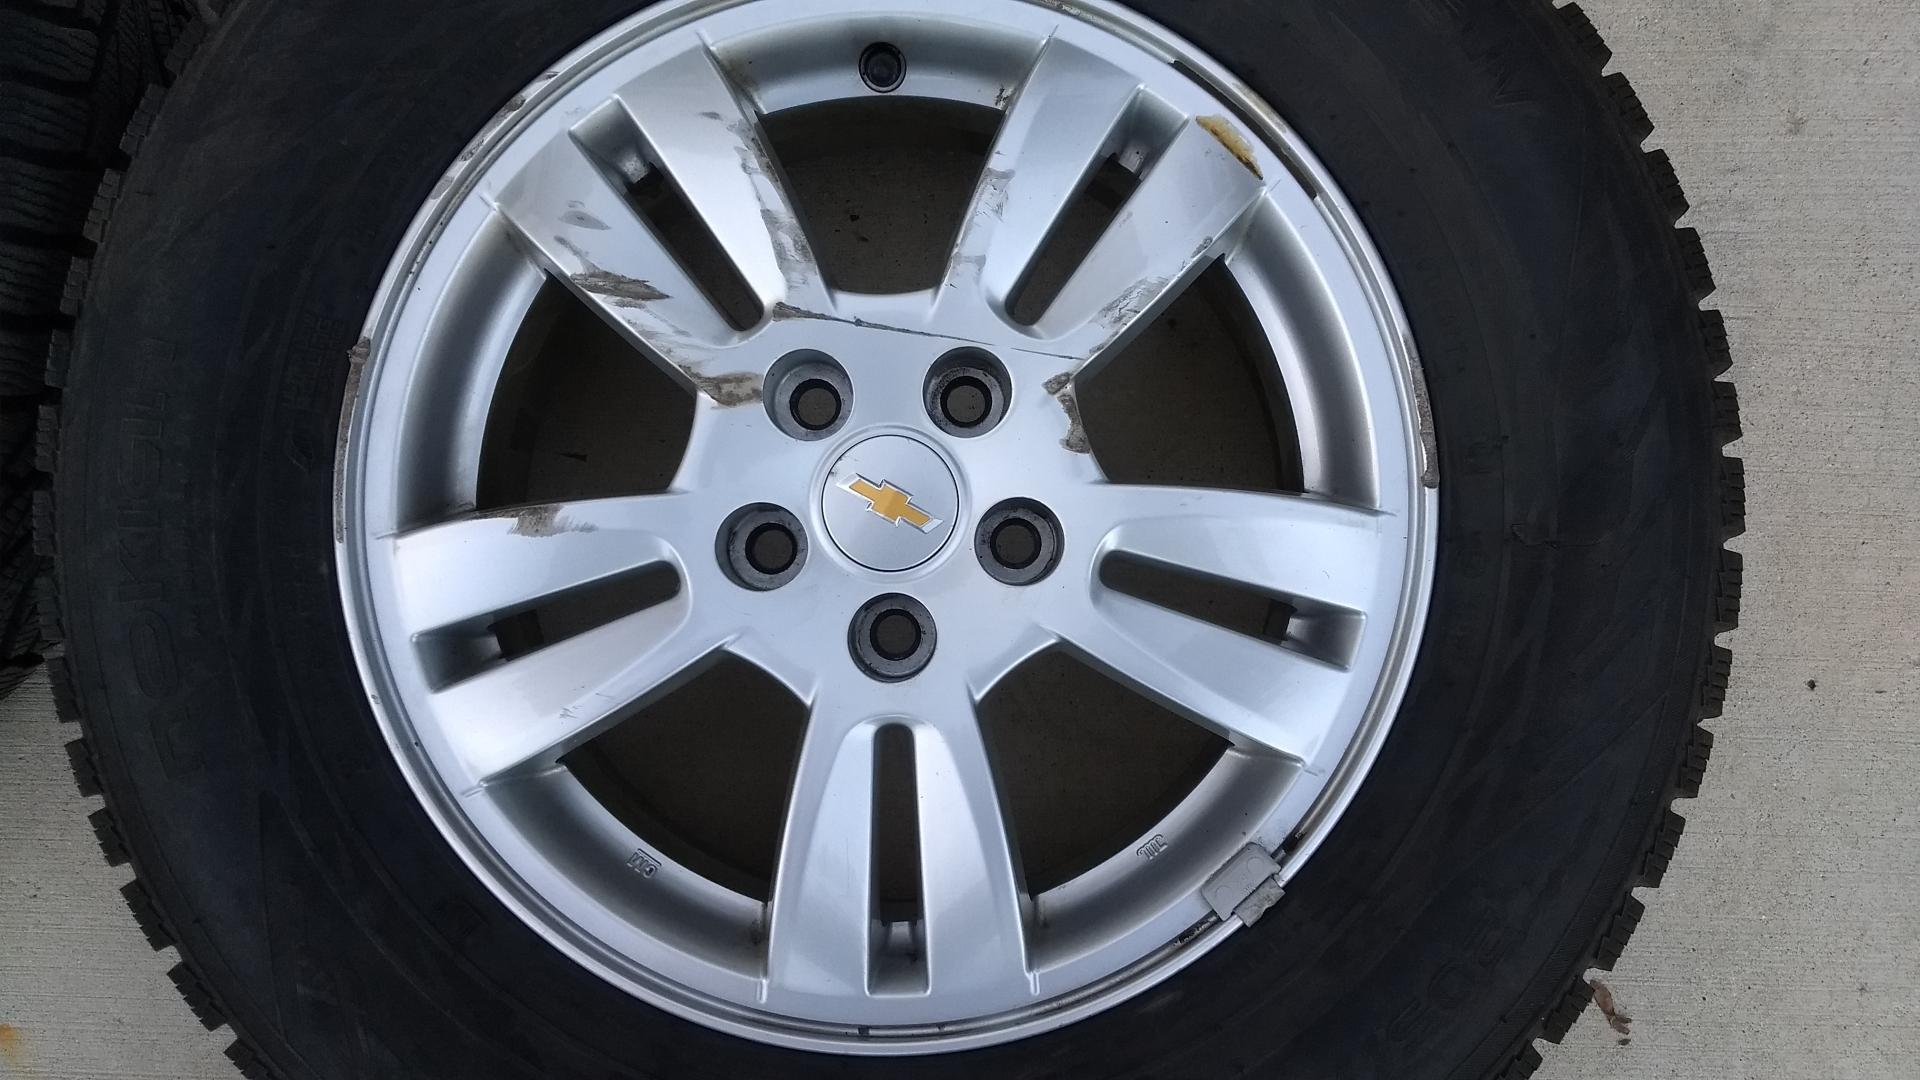 """Nokian Hakkapeliitta R2 >> FS: Winter Wheel/Tire package - Nokian Hakkapeliitta R2 tires on 15"""" Sonic Wheels"""